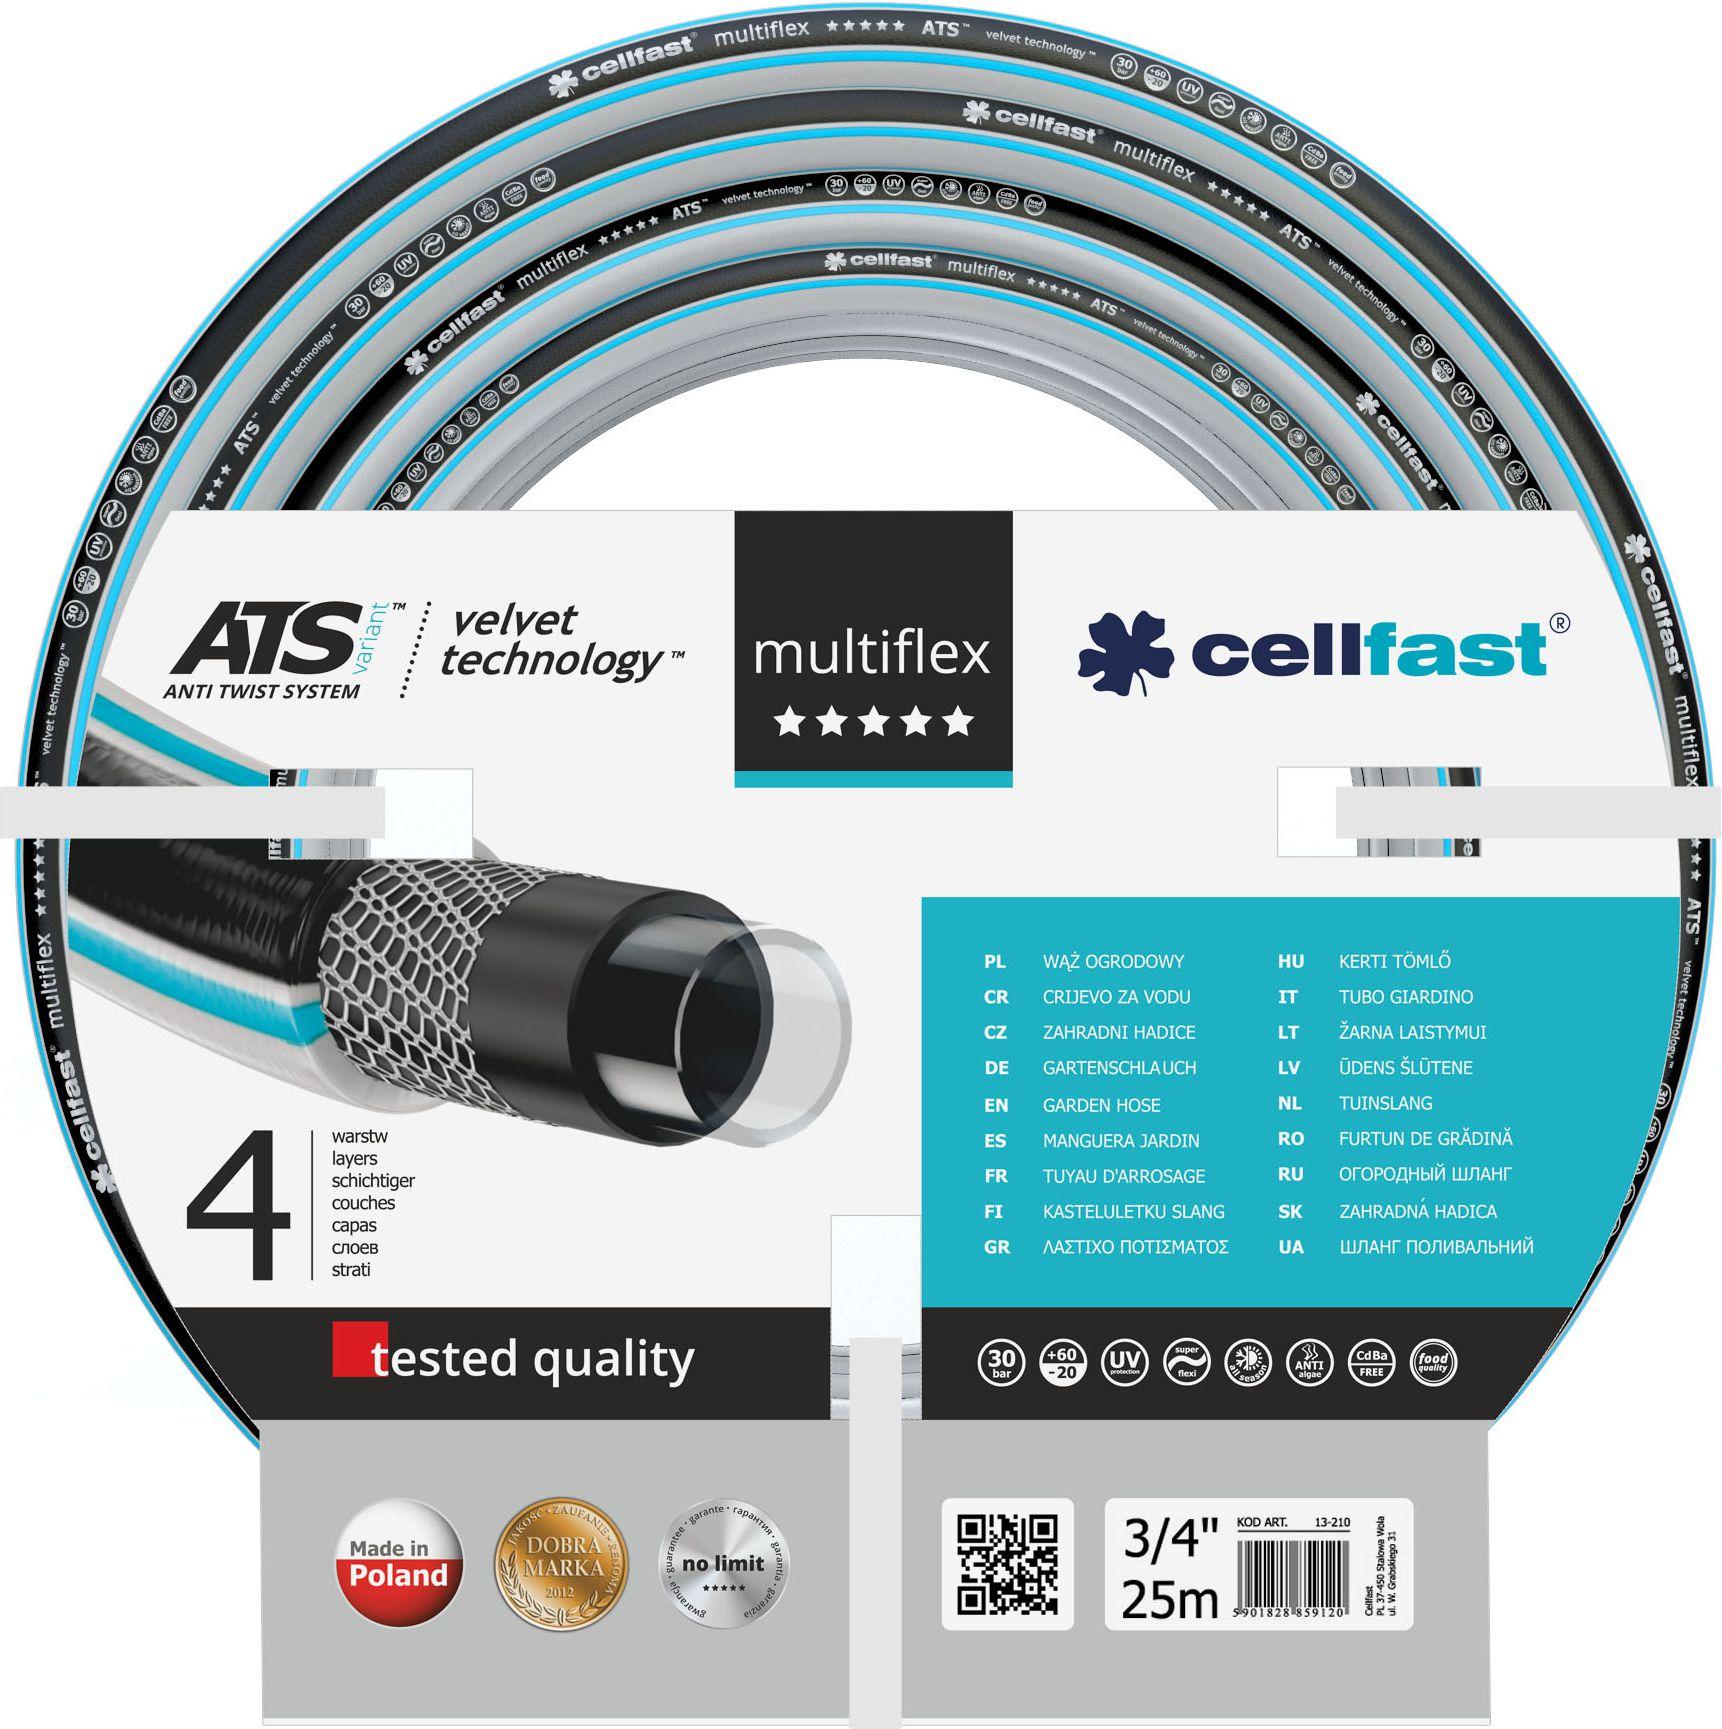 Cellfast Garden hose MultiFlex 3/4